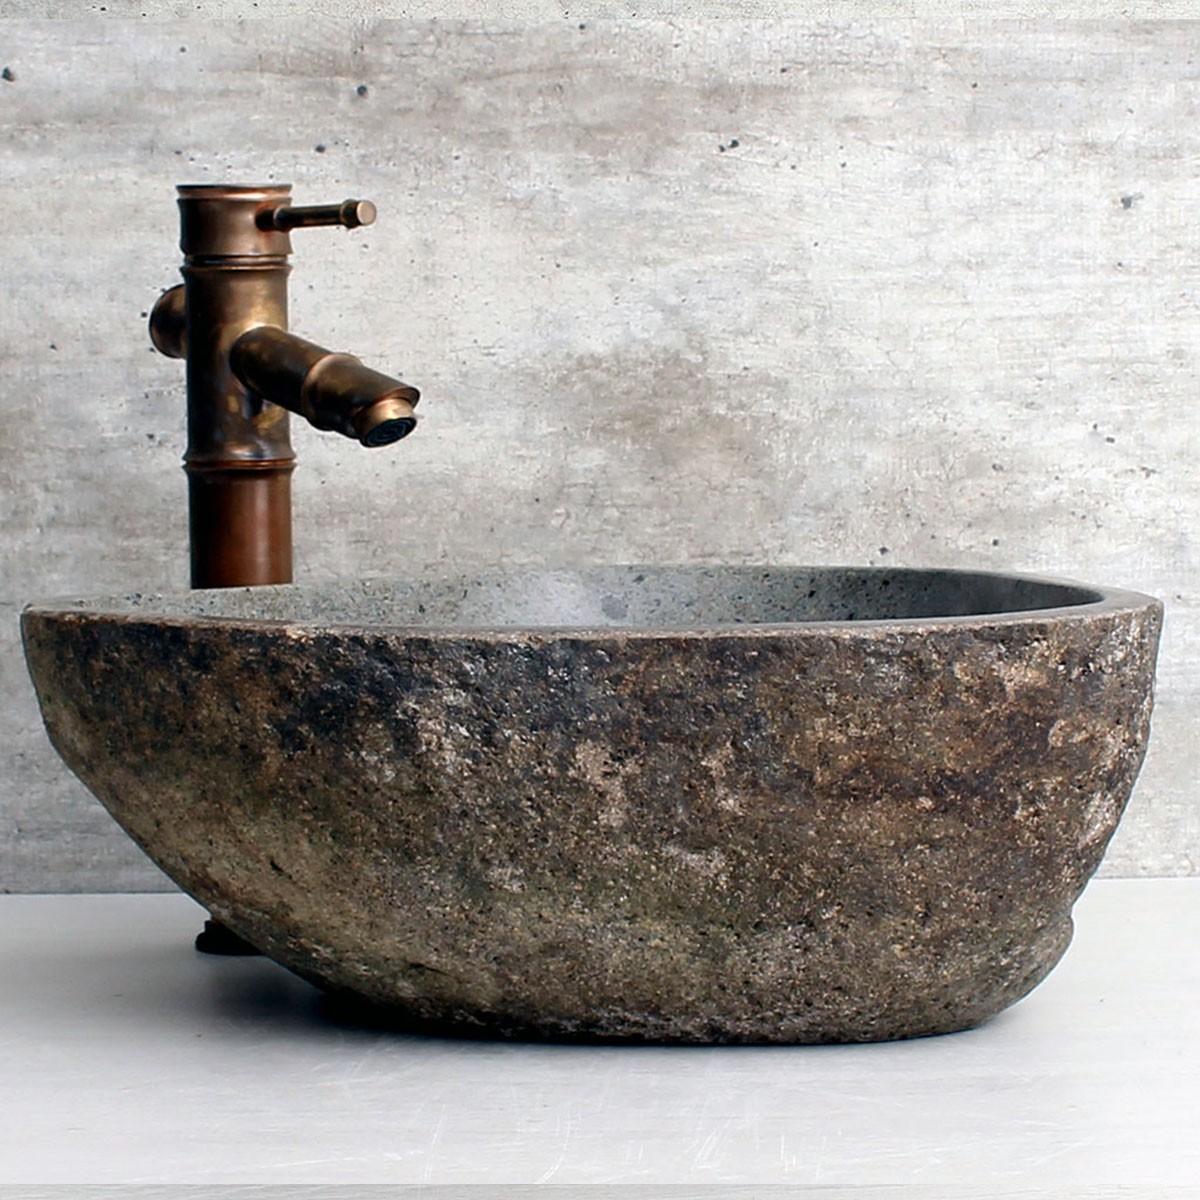 Cuba de Banheiro em Pedra Natural RS1131 39x36x15cm